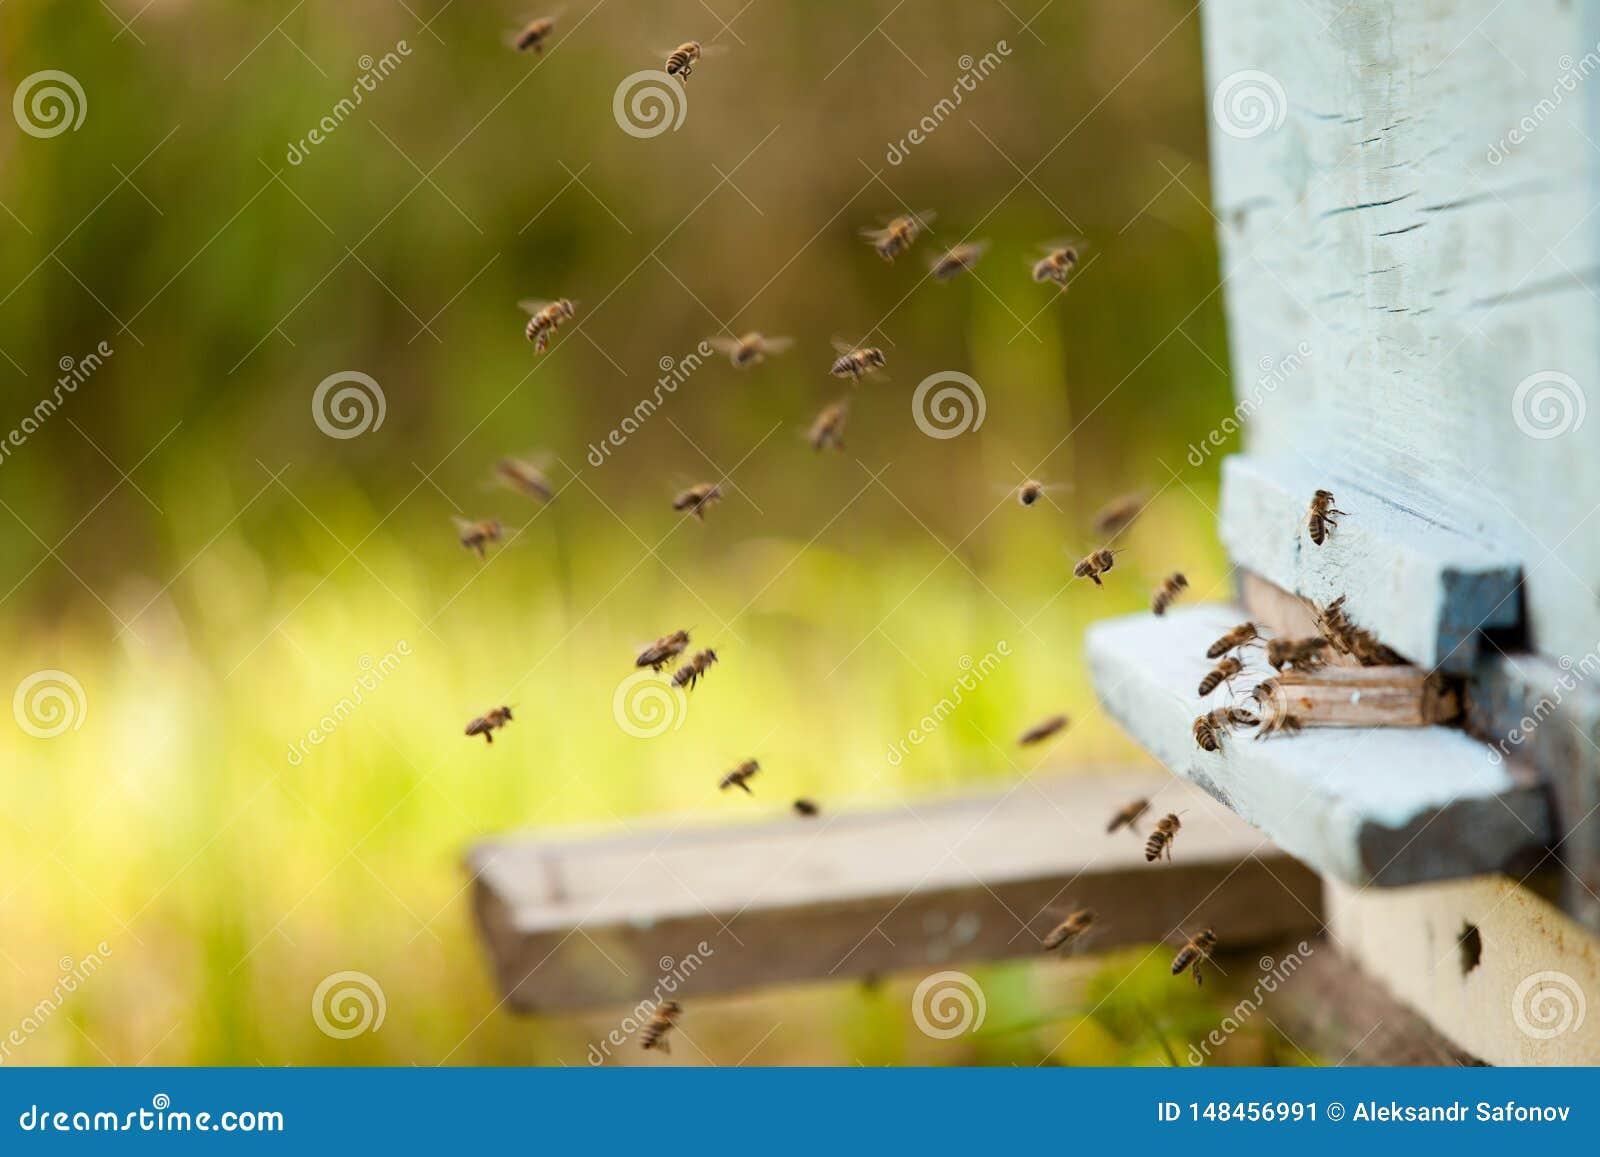 Много пчел летают к крапивнице, пчеловодству в сельской местности пасека пчел весной